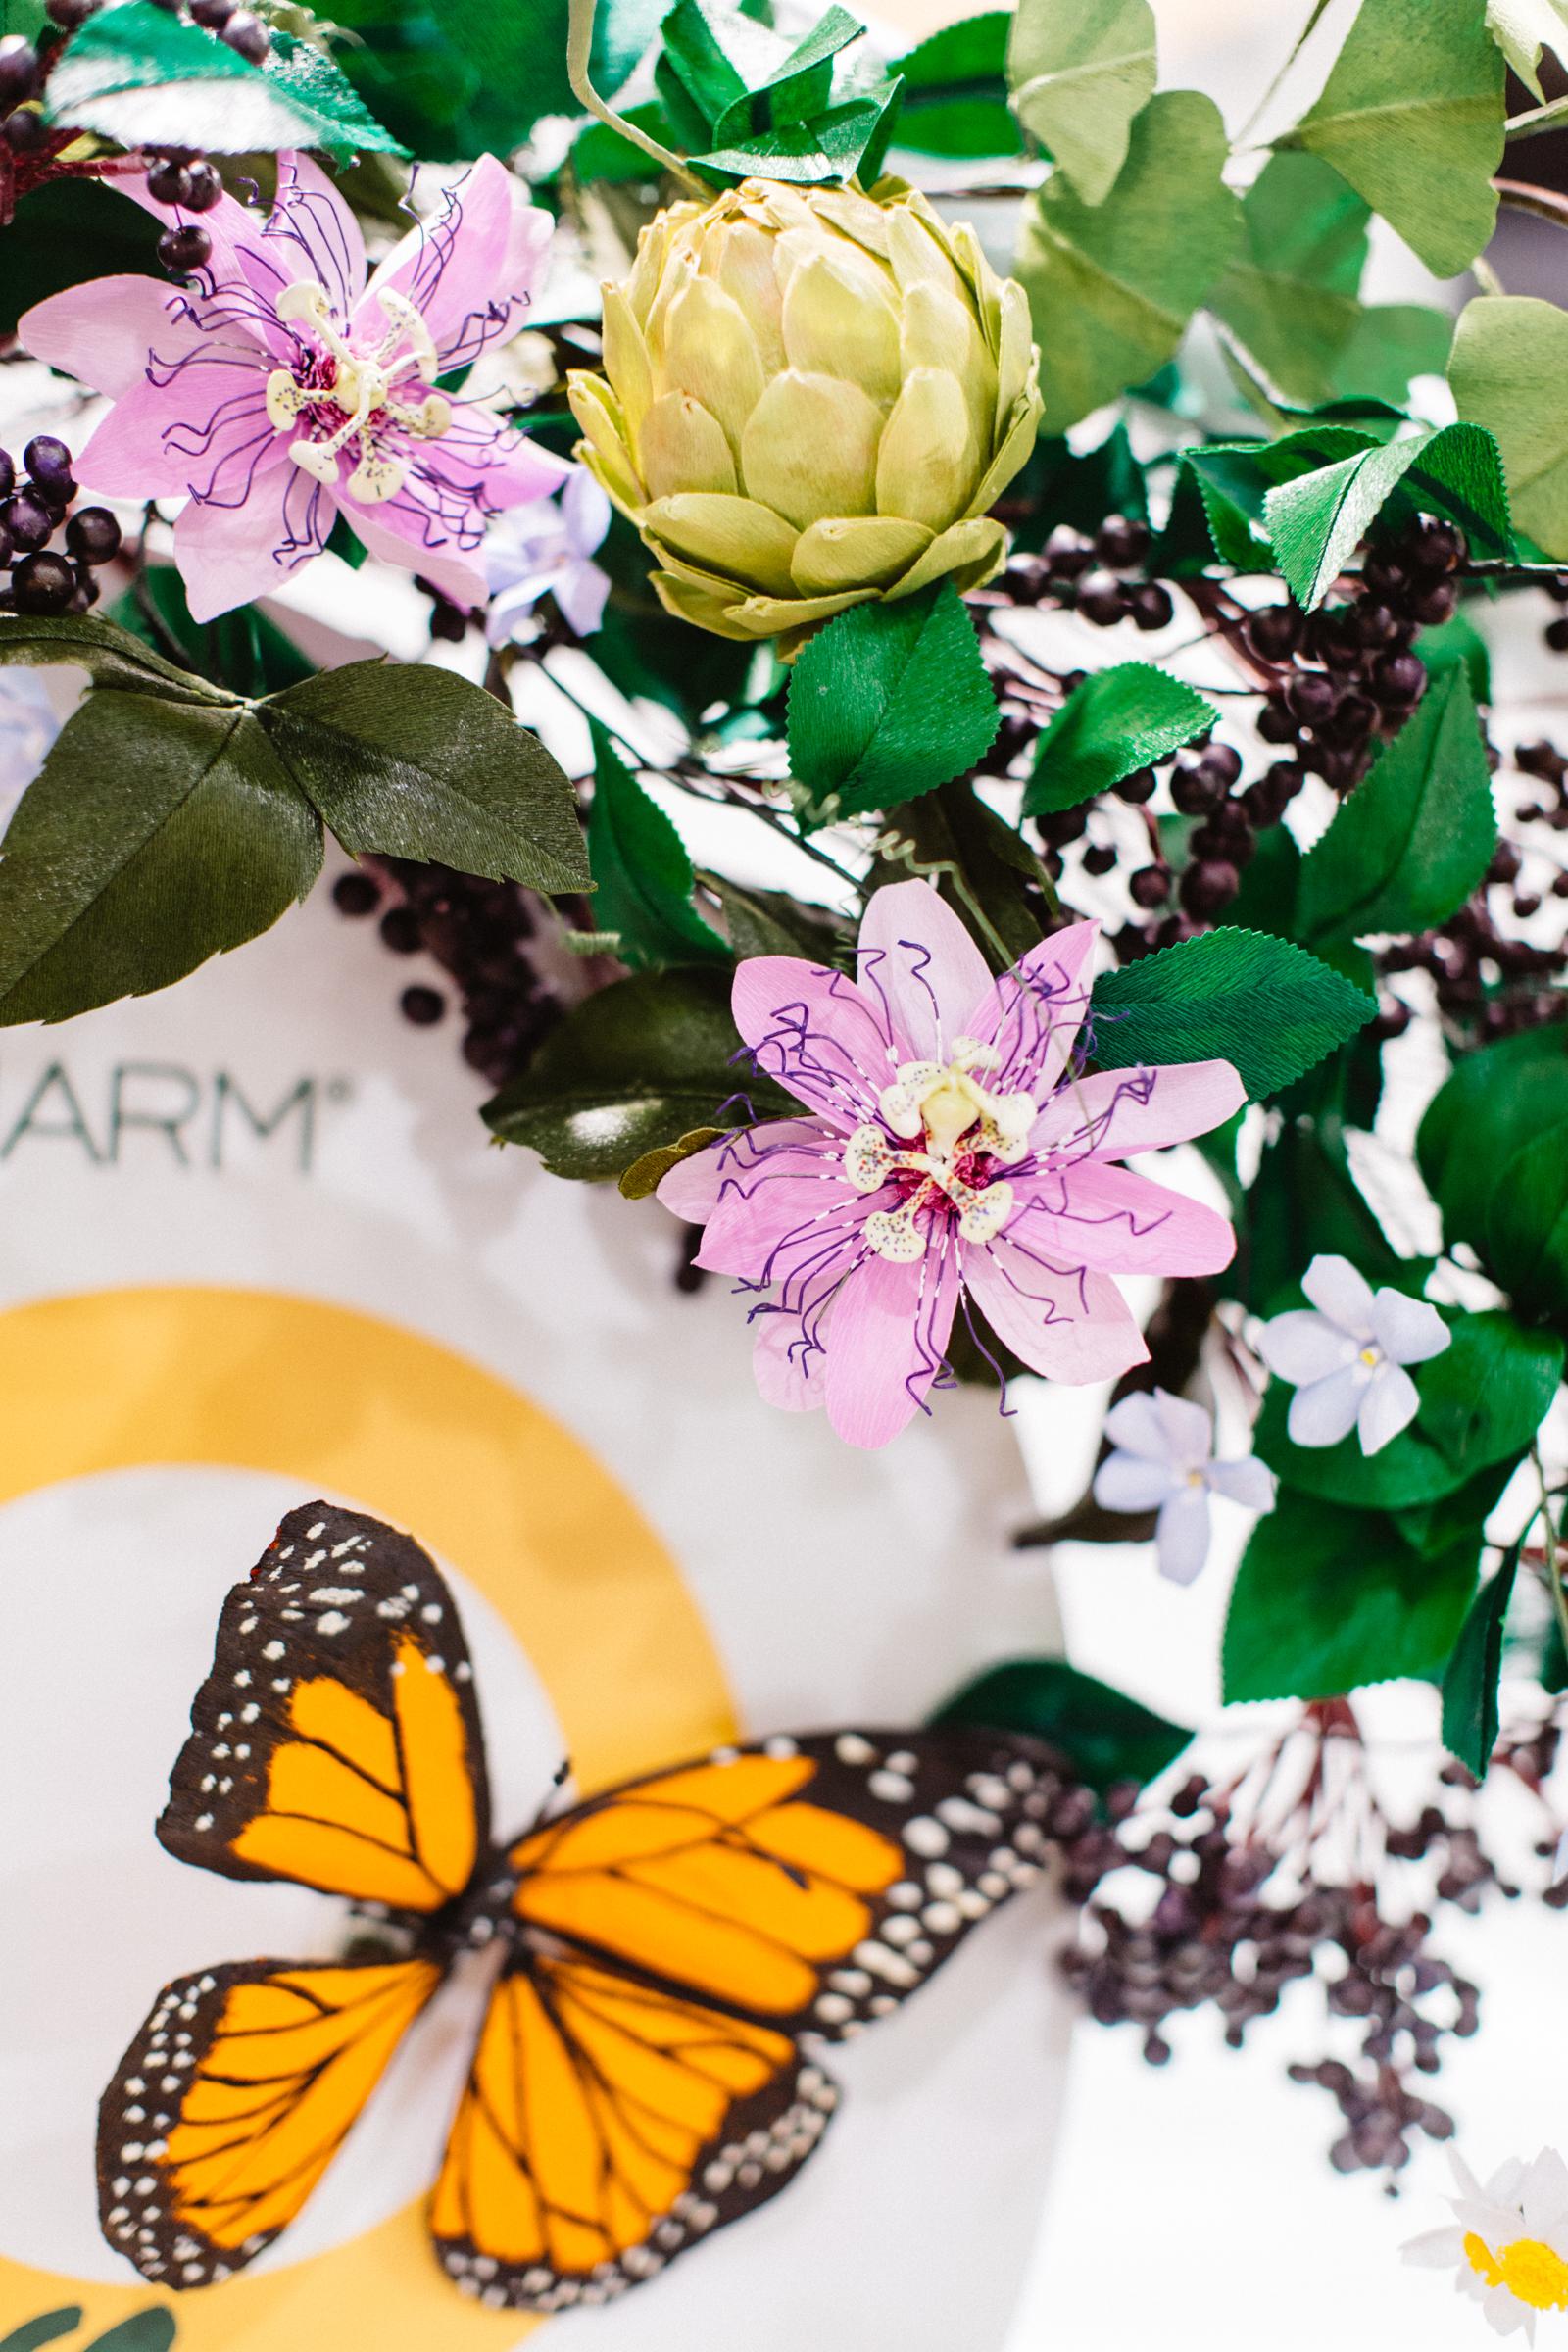 herbfarm143210.jpg